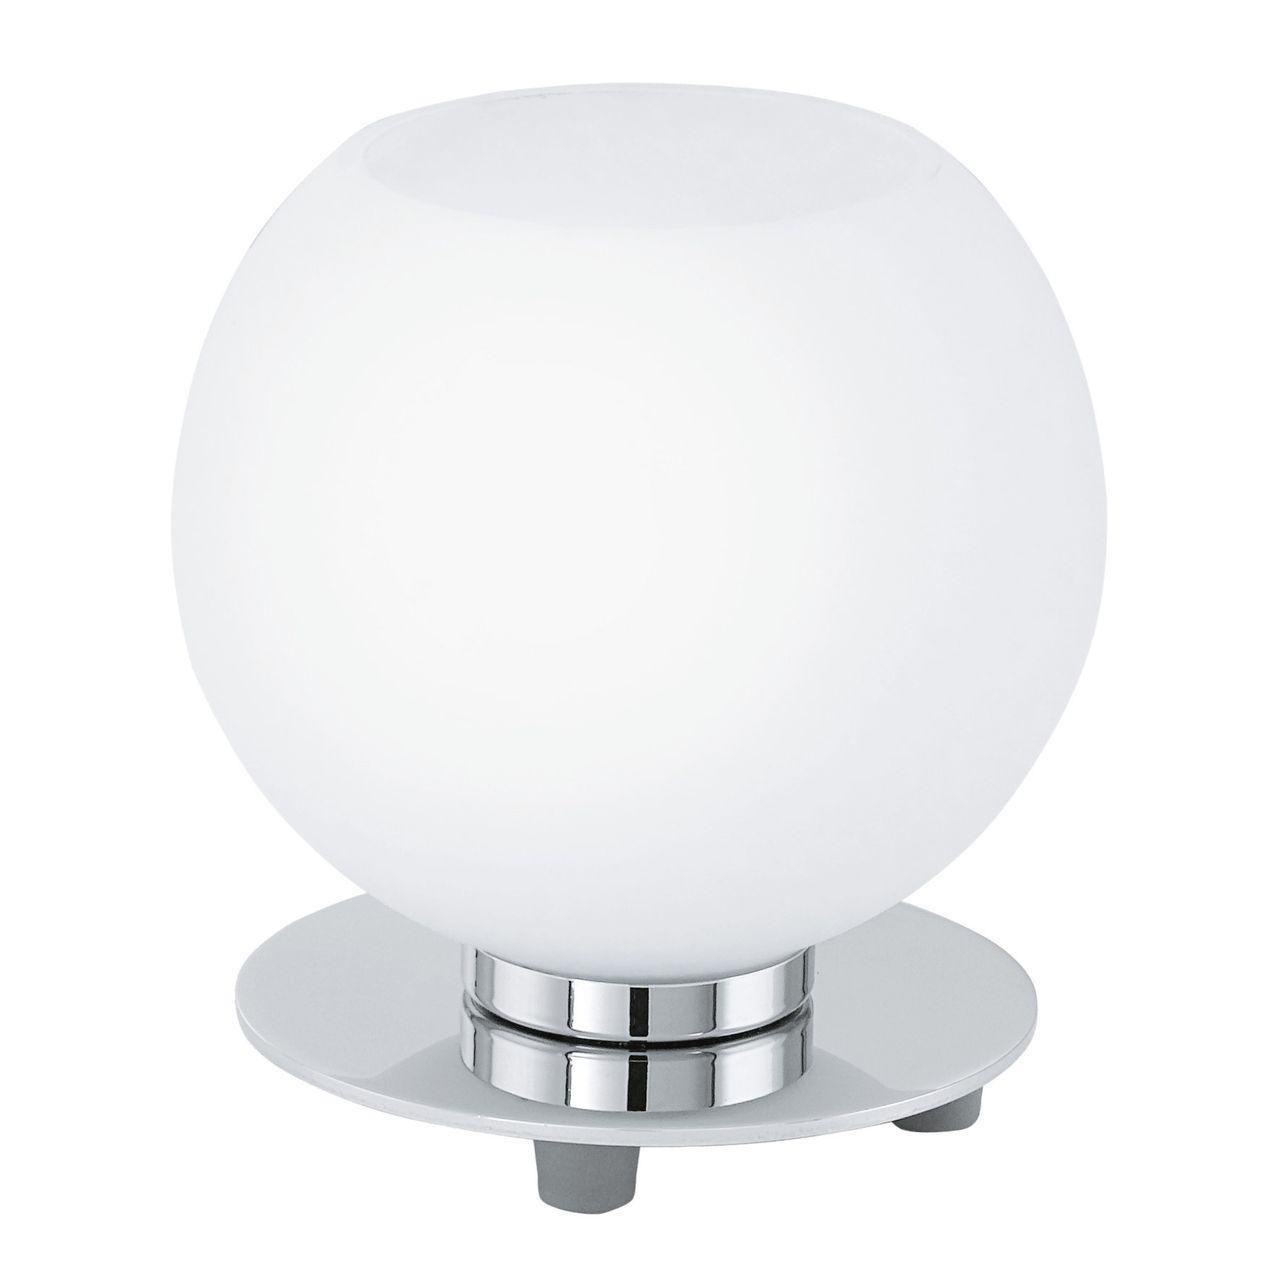 Настольная лампа Eglo Buccino 90904 eglo настольная лампа eglo trungle 49624